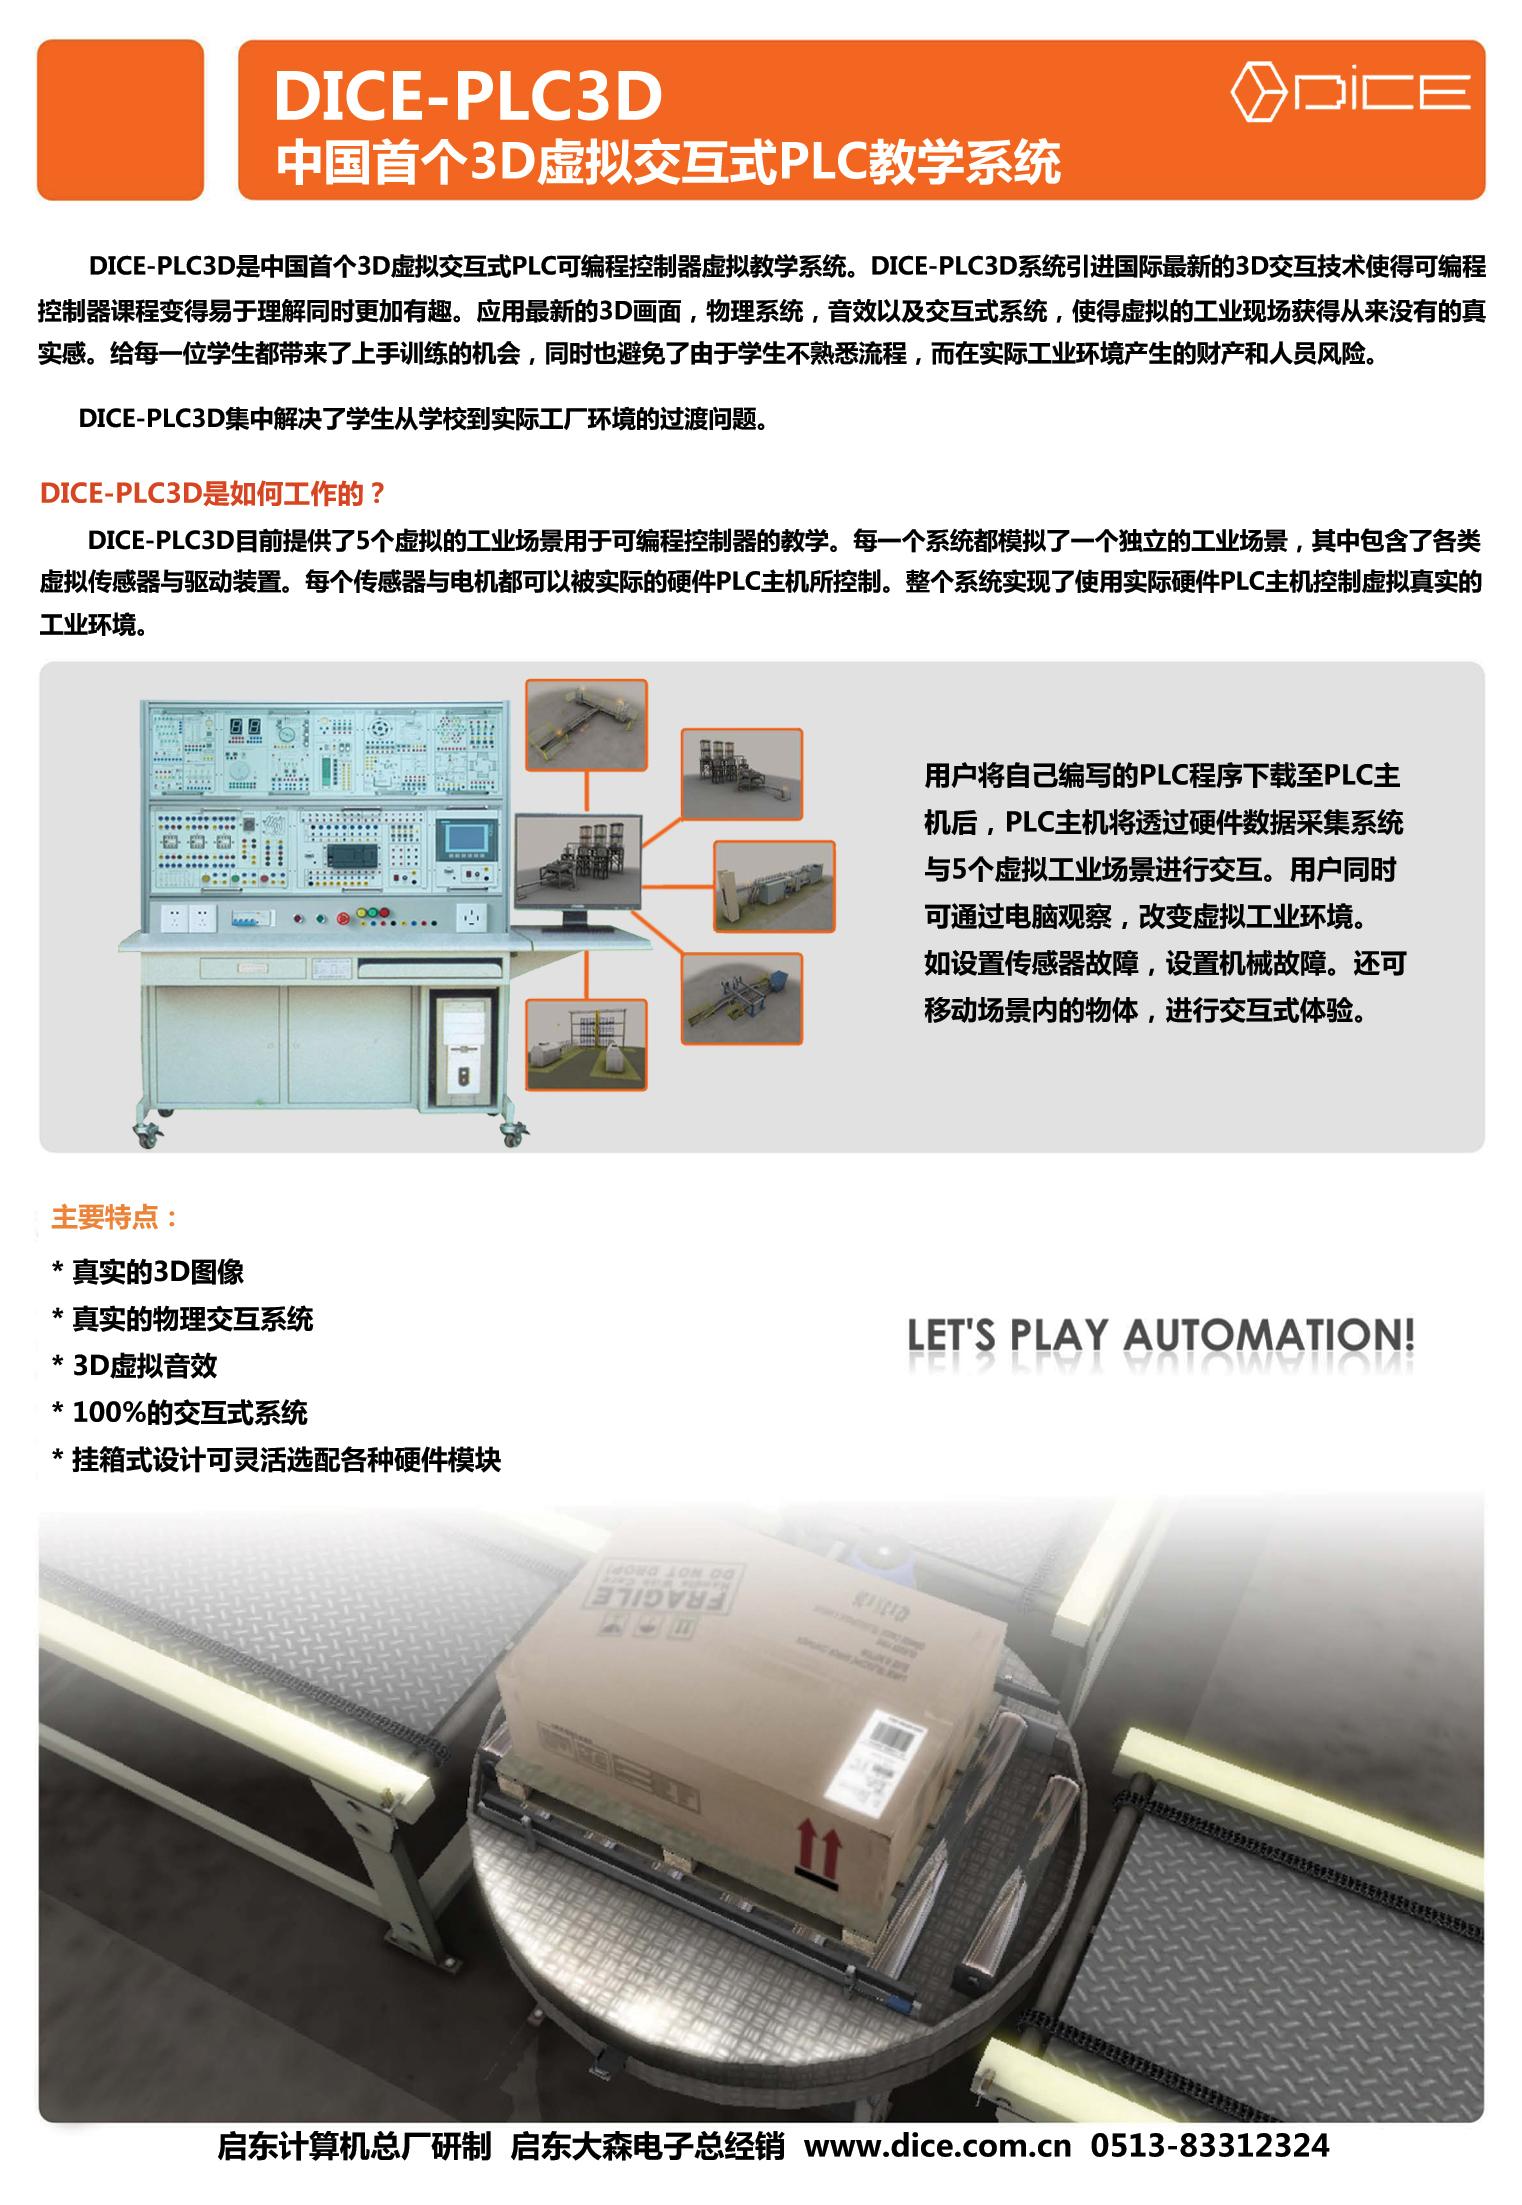 DICE-PLC3D 中国首个3D虚拟交互式PLC教学实验装置